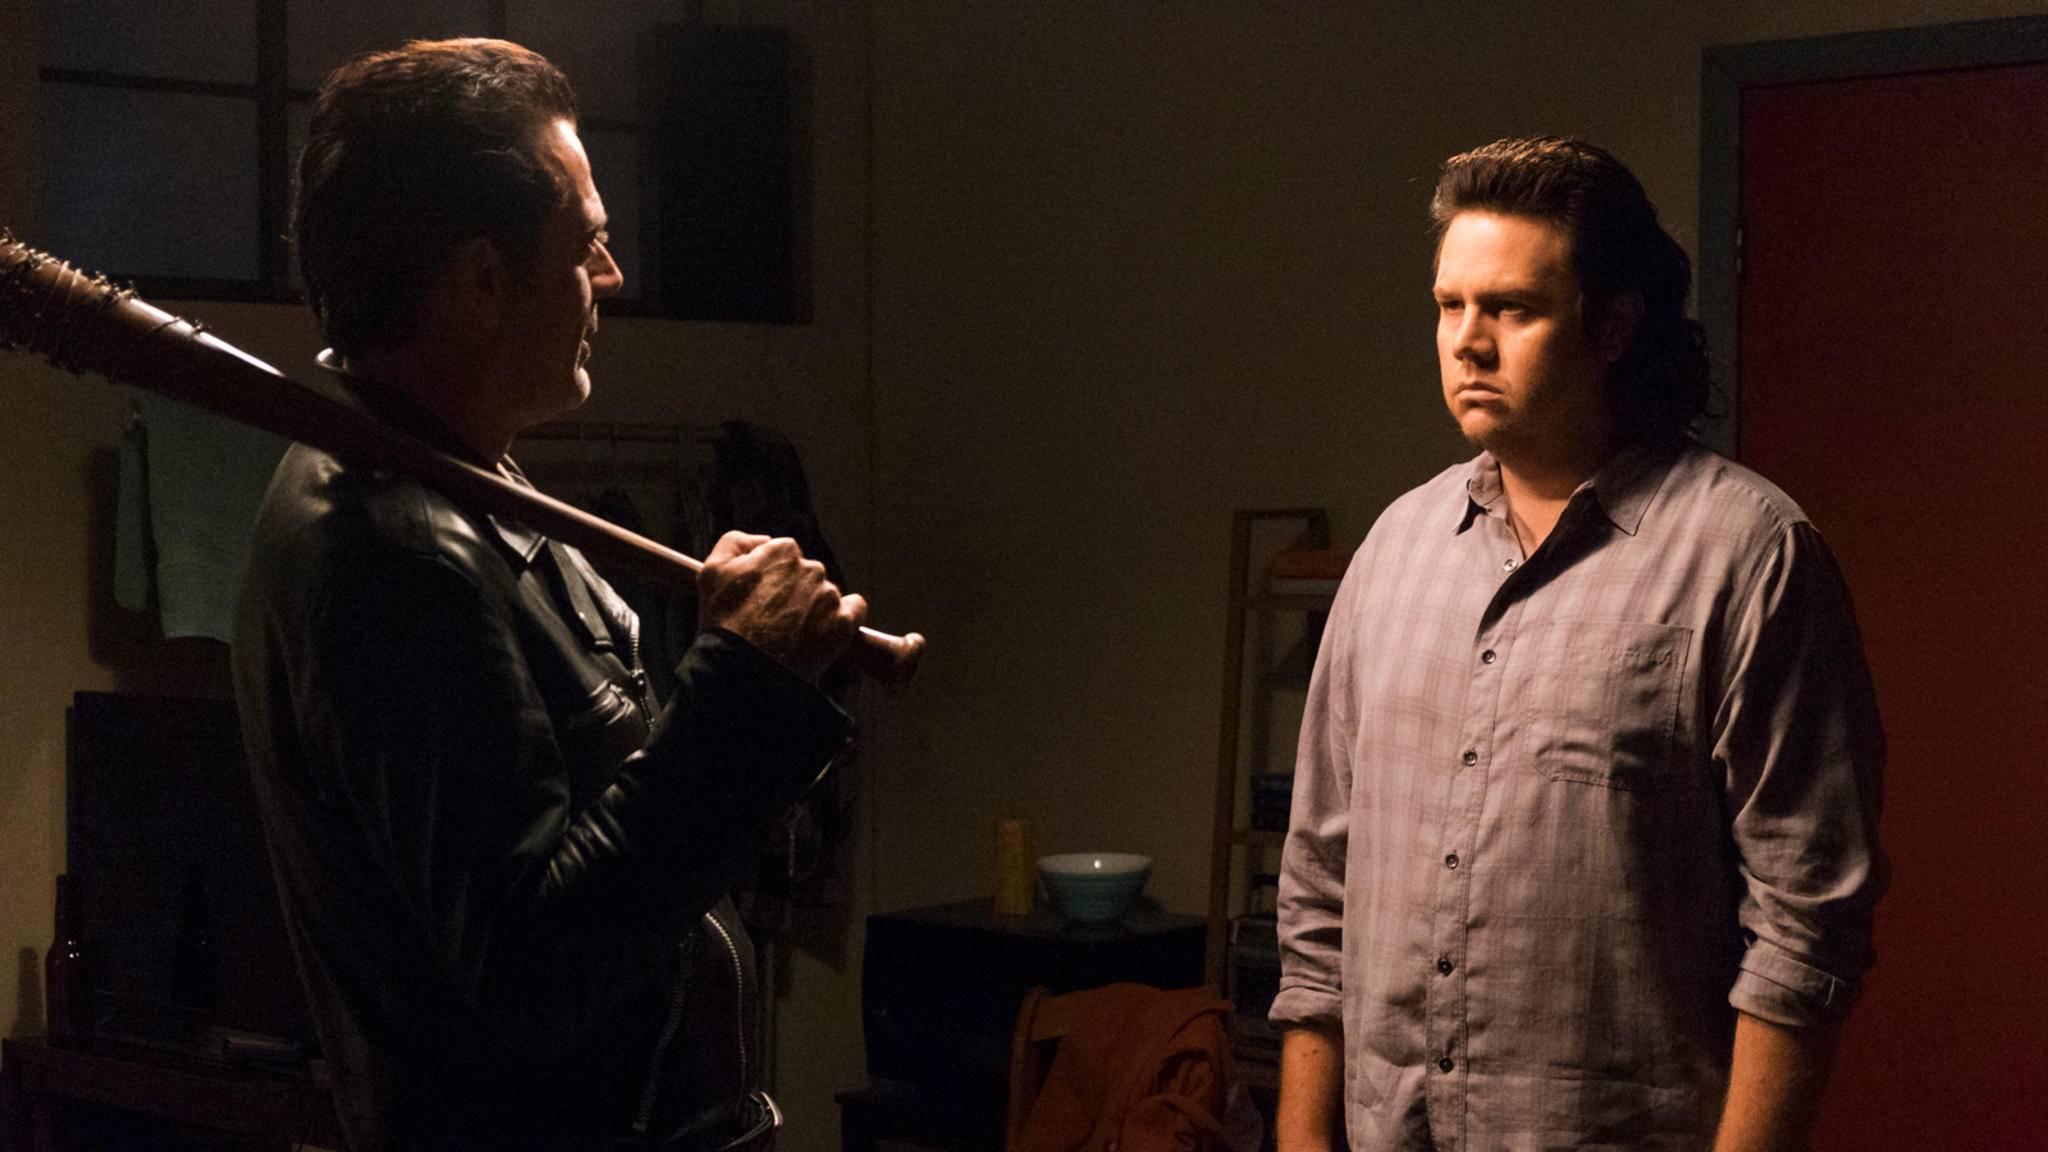 Wird Eugene in Staffel 8 tatsächlich ein vollwertiges Mitglied von Team Negan?